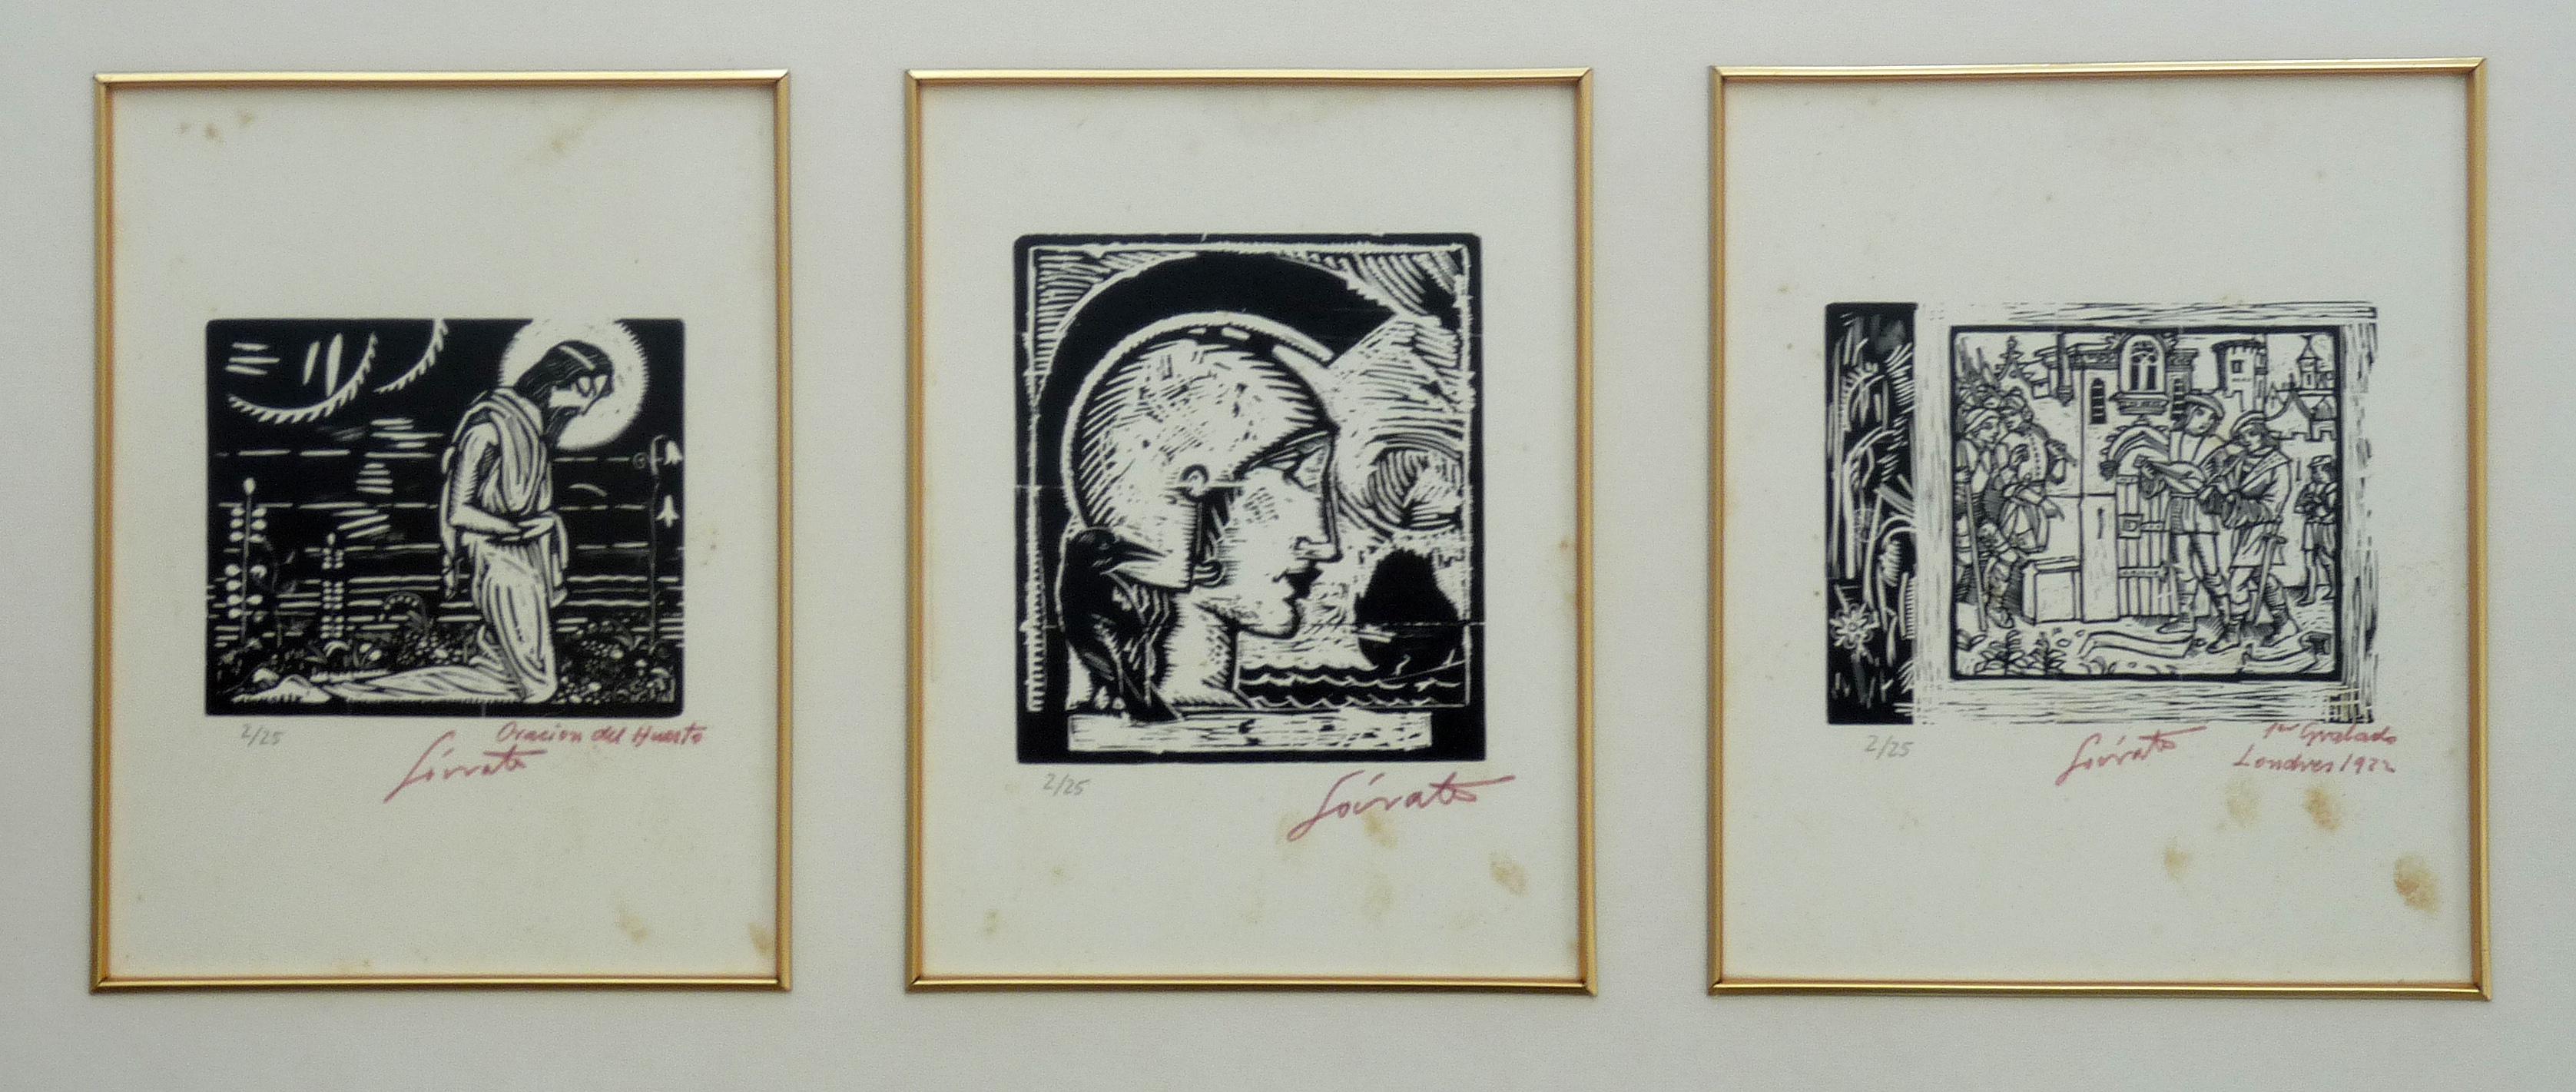 Oración del huerto, Londres 1922 | Sócrates Quintana (Xilografía, tríptico 0,60x0,32)